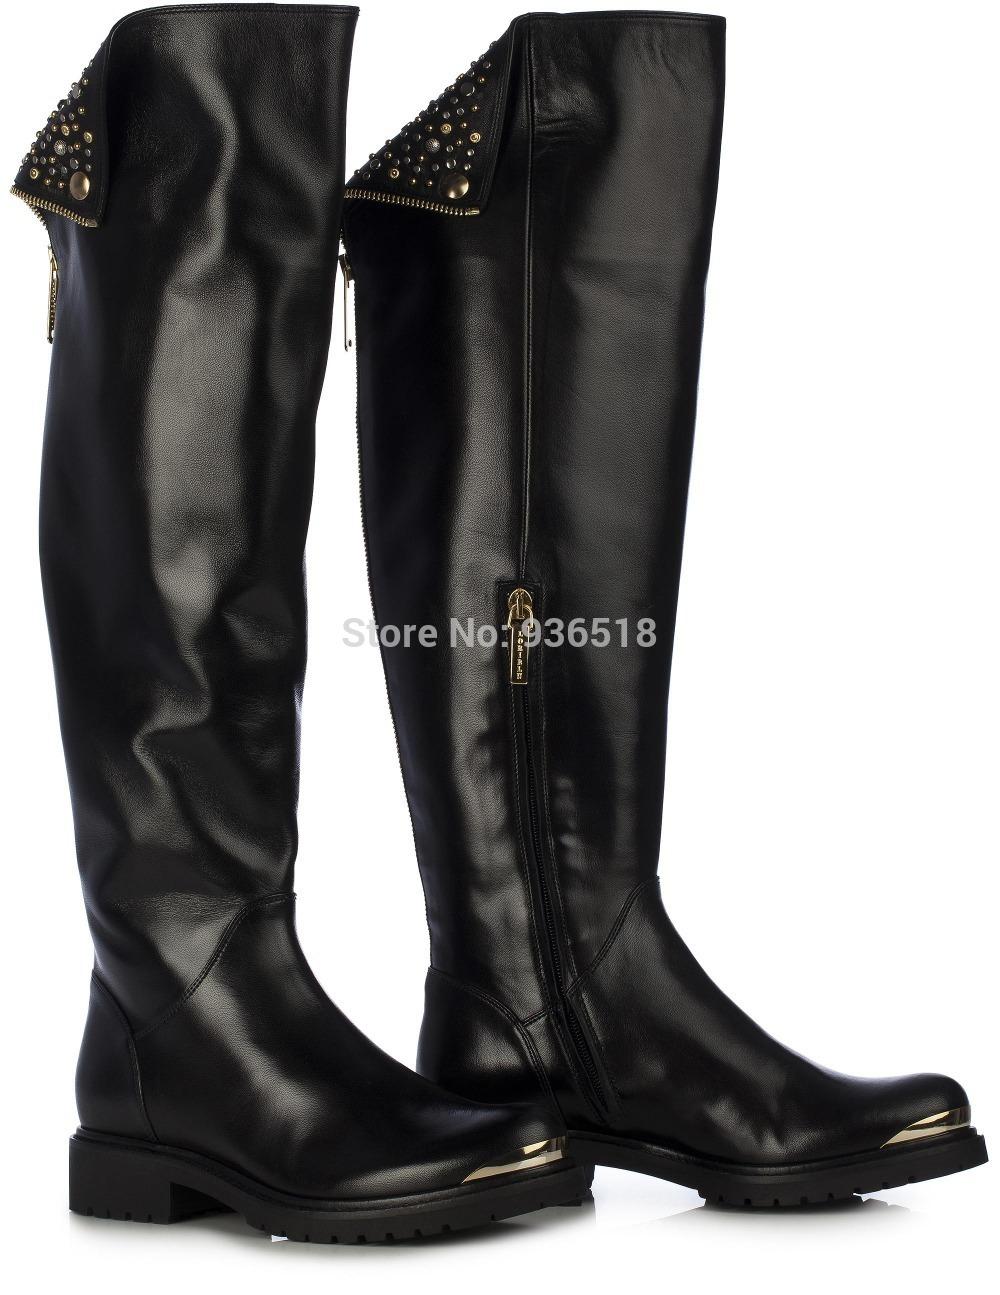 boots Genou noir haute ugg bottes